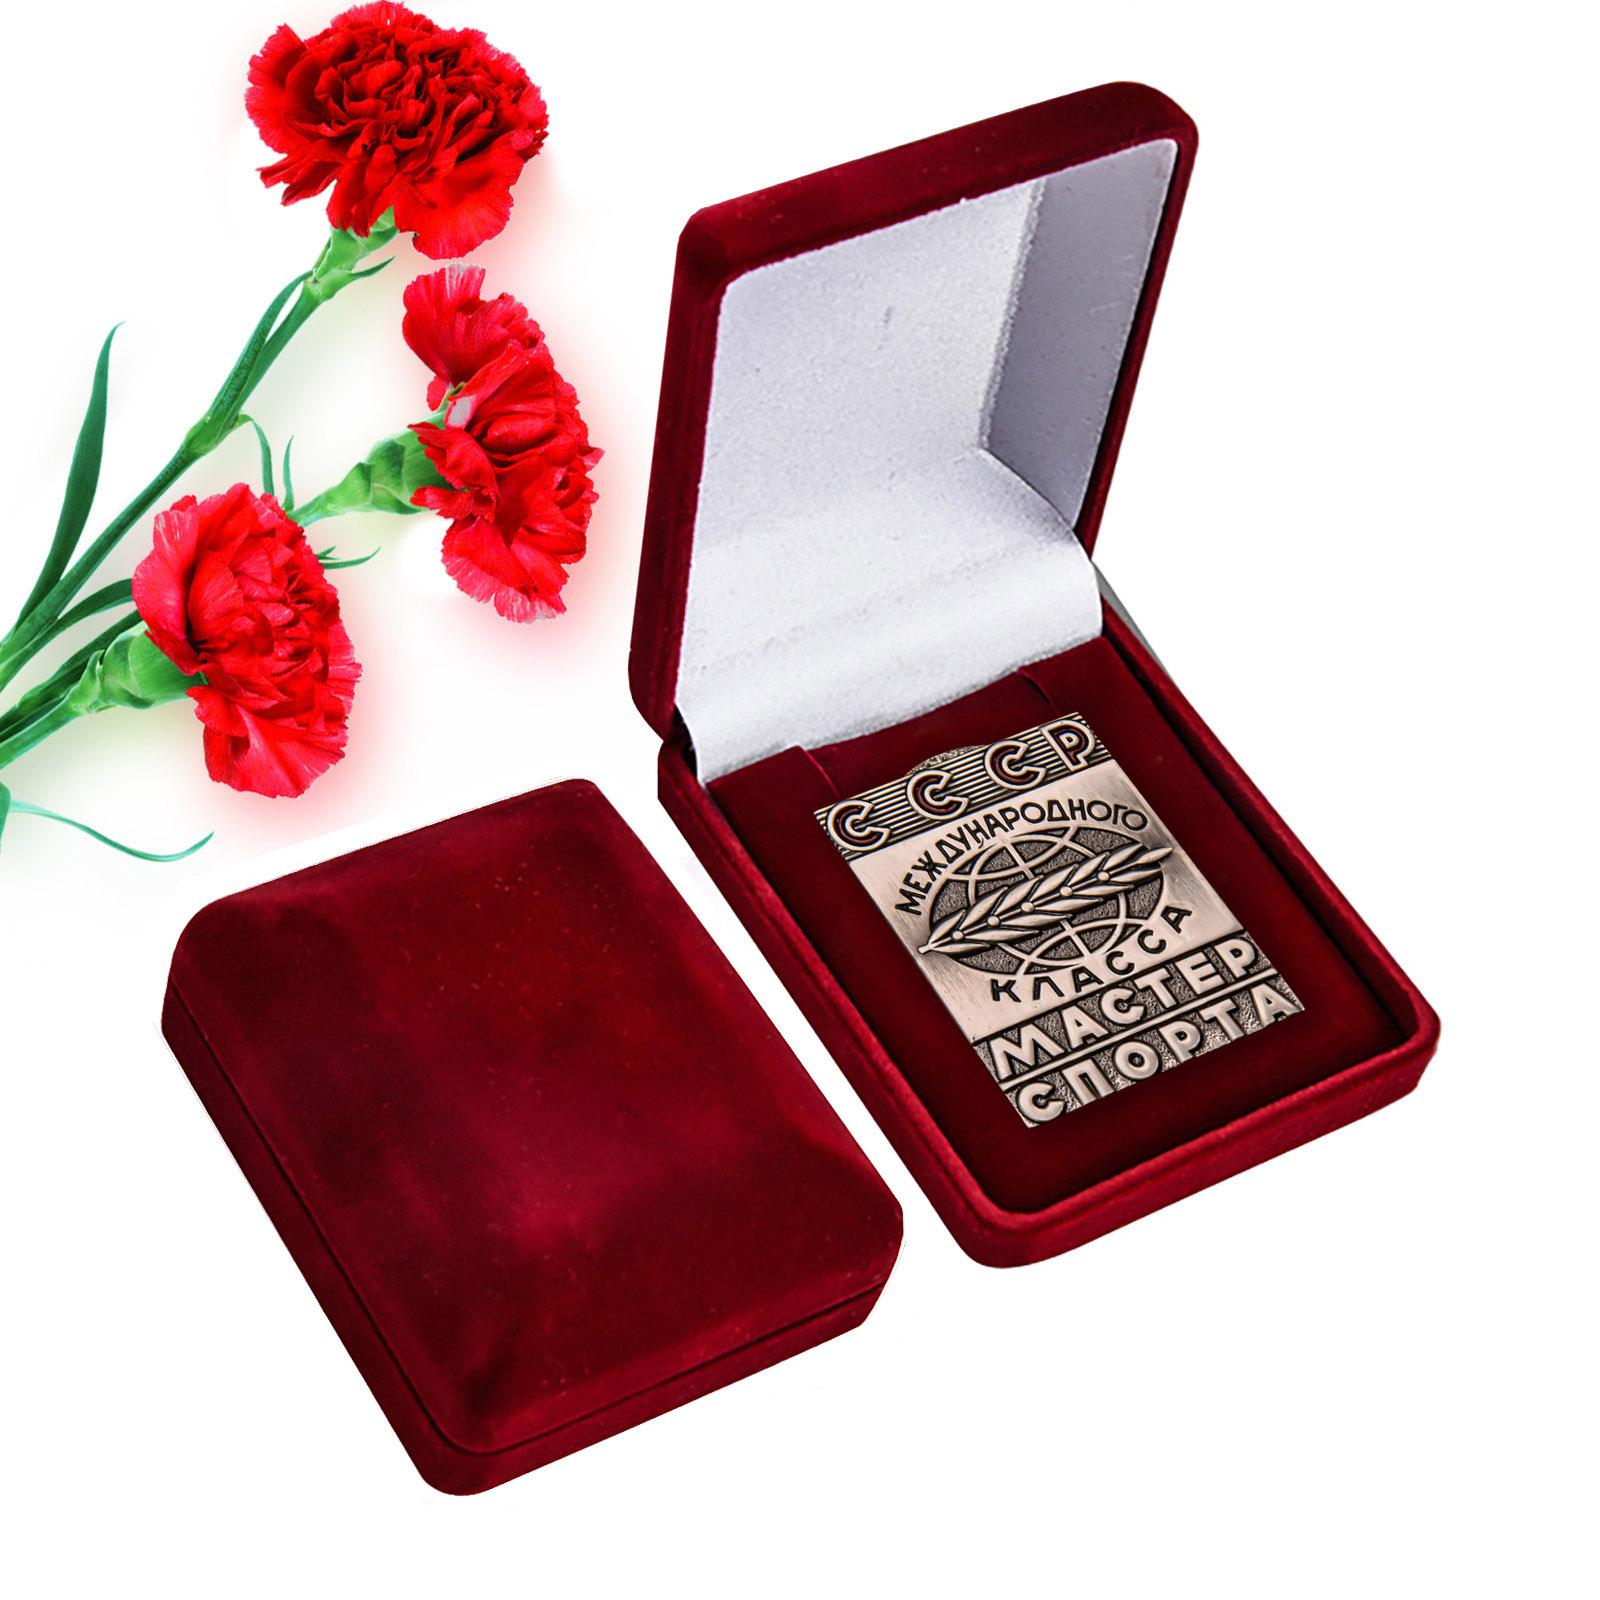 Купить знак Мастер спорта СССР Международного класса онлайн выгодно